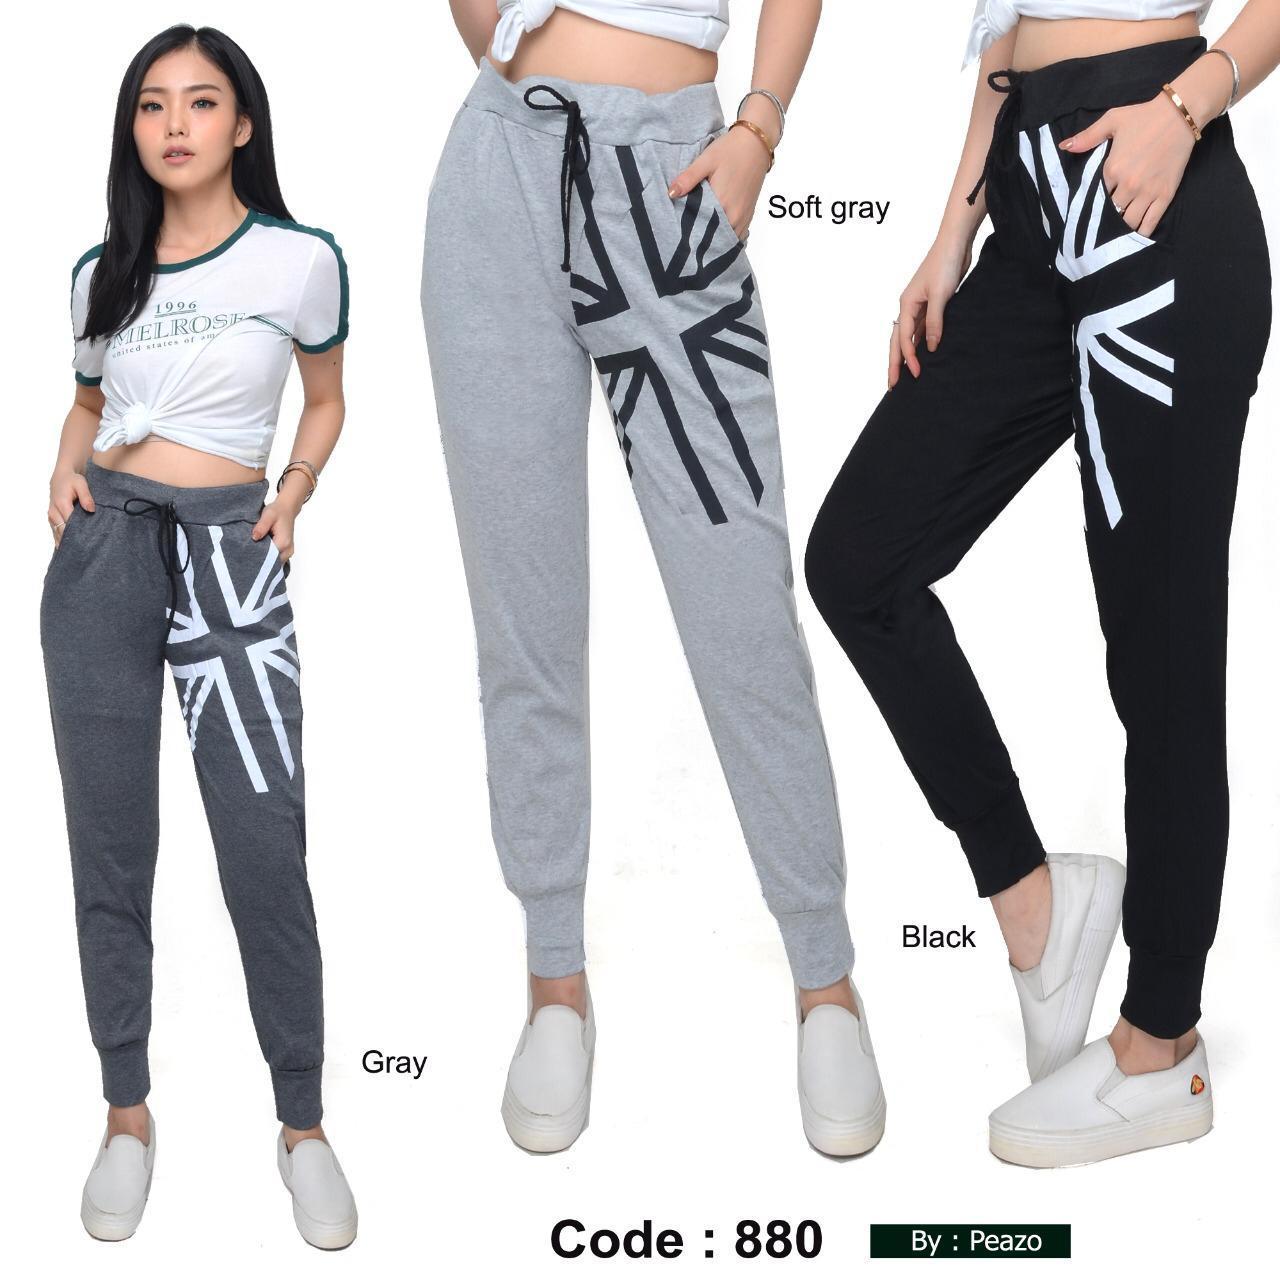 Celana Legging Import Leging Senam Lejing Olahragacelana Leging Wanita Model Terbaru Cod Jvs Store Lazada Indonesia